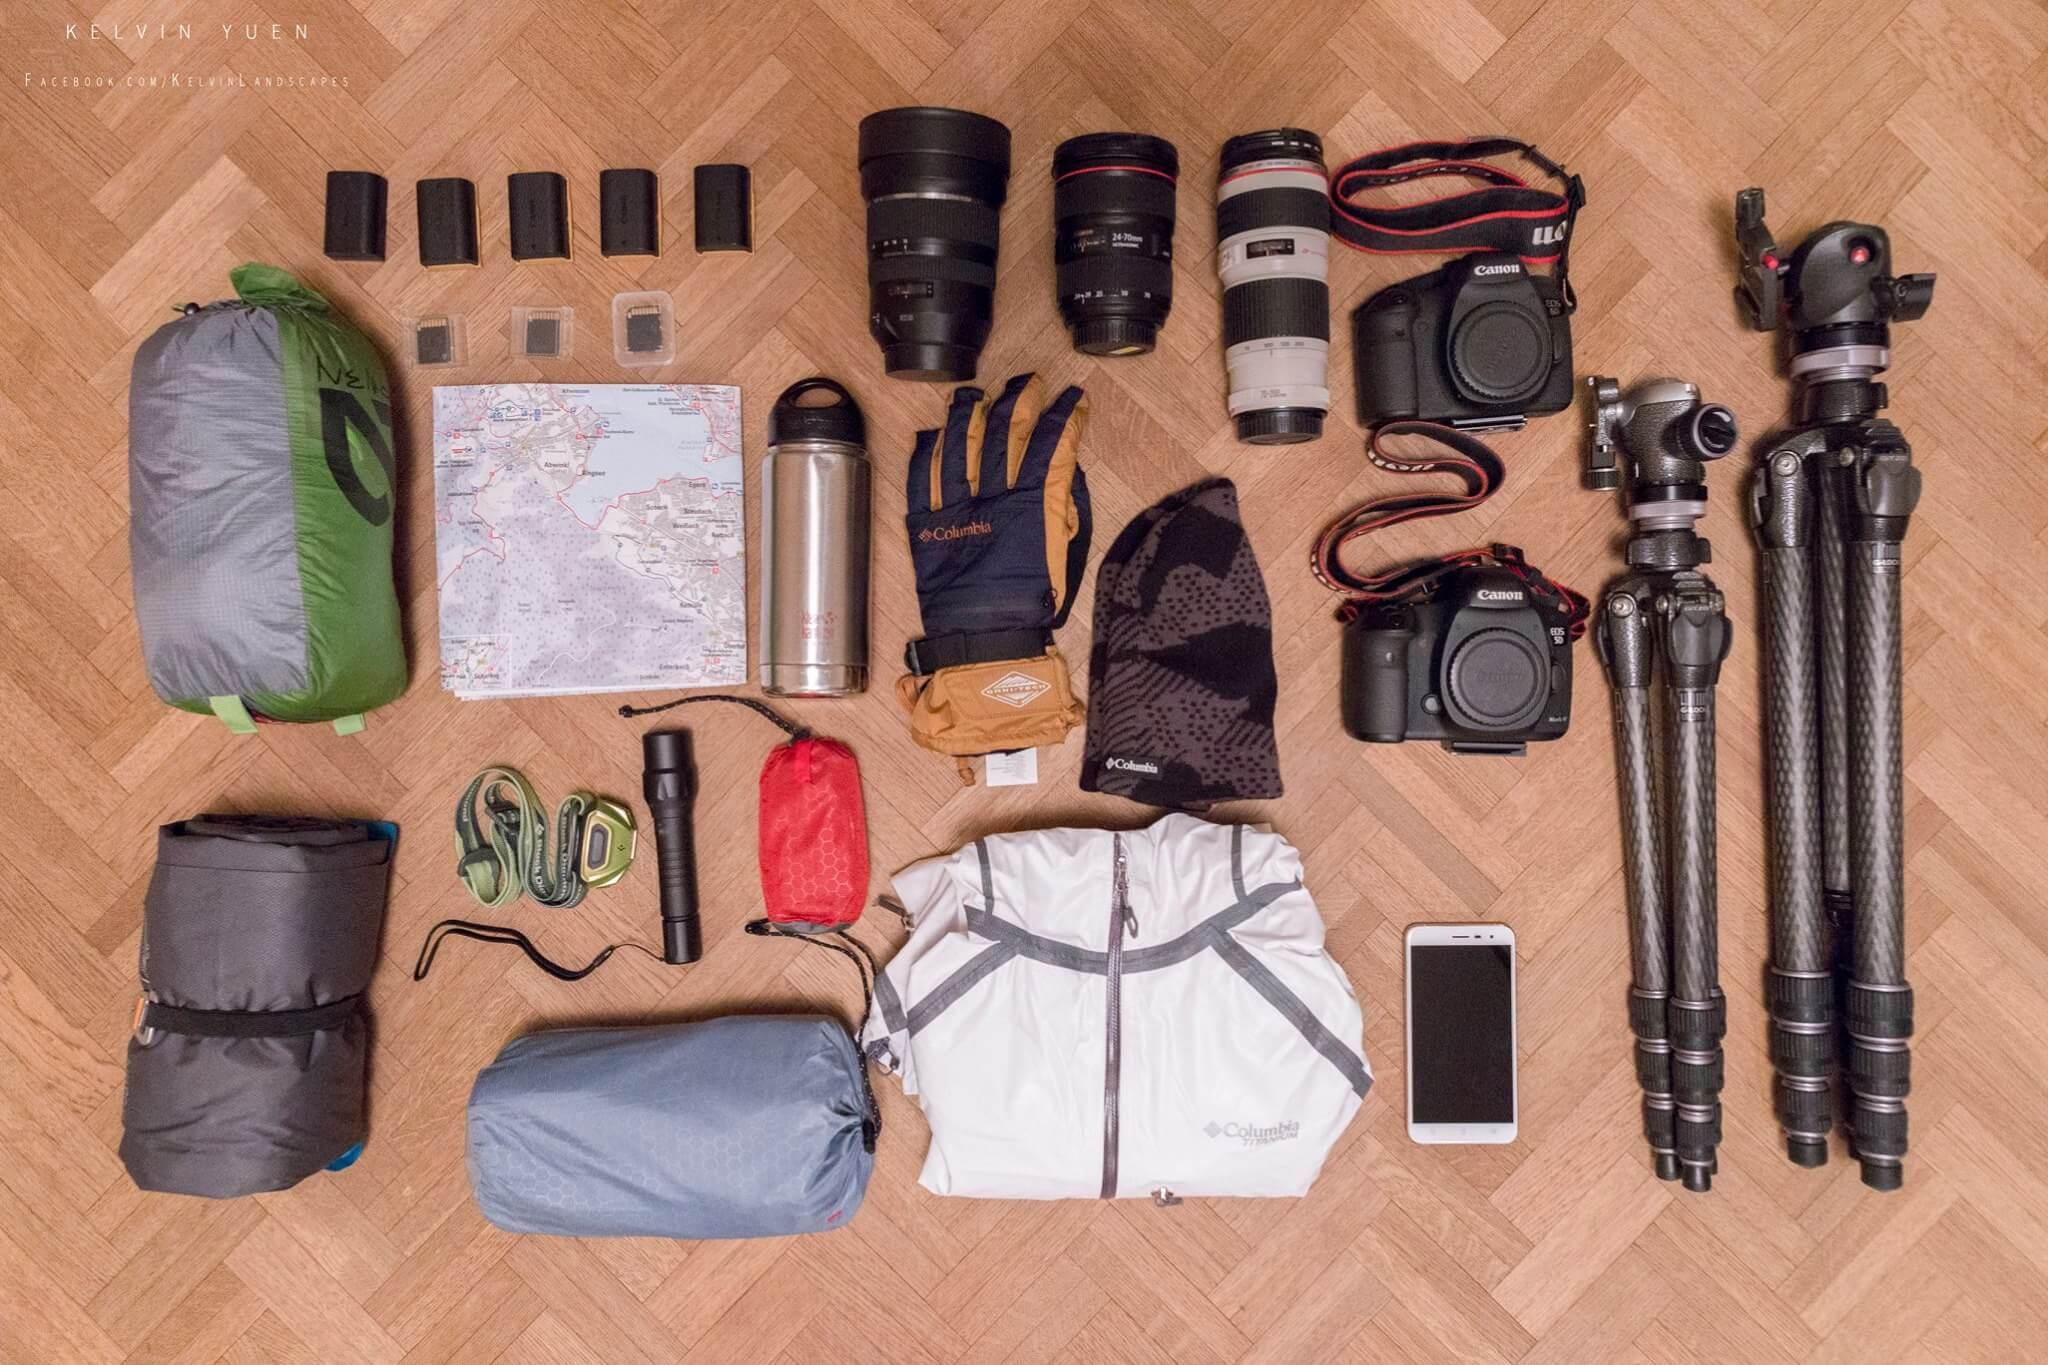 出發登山前,Kelvin要預備眾多裝備,加起來也近二十公斤。